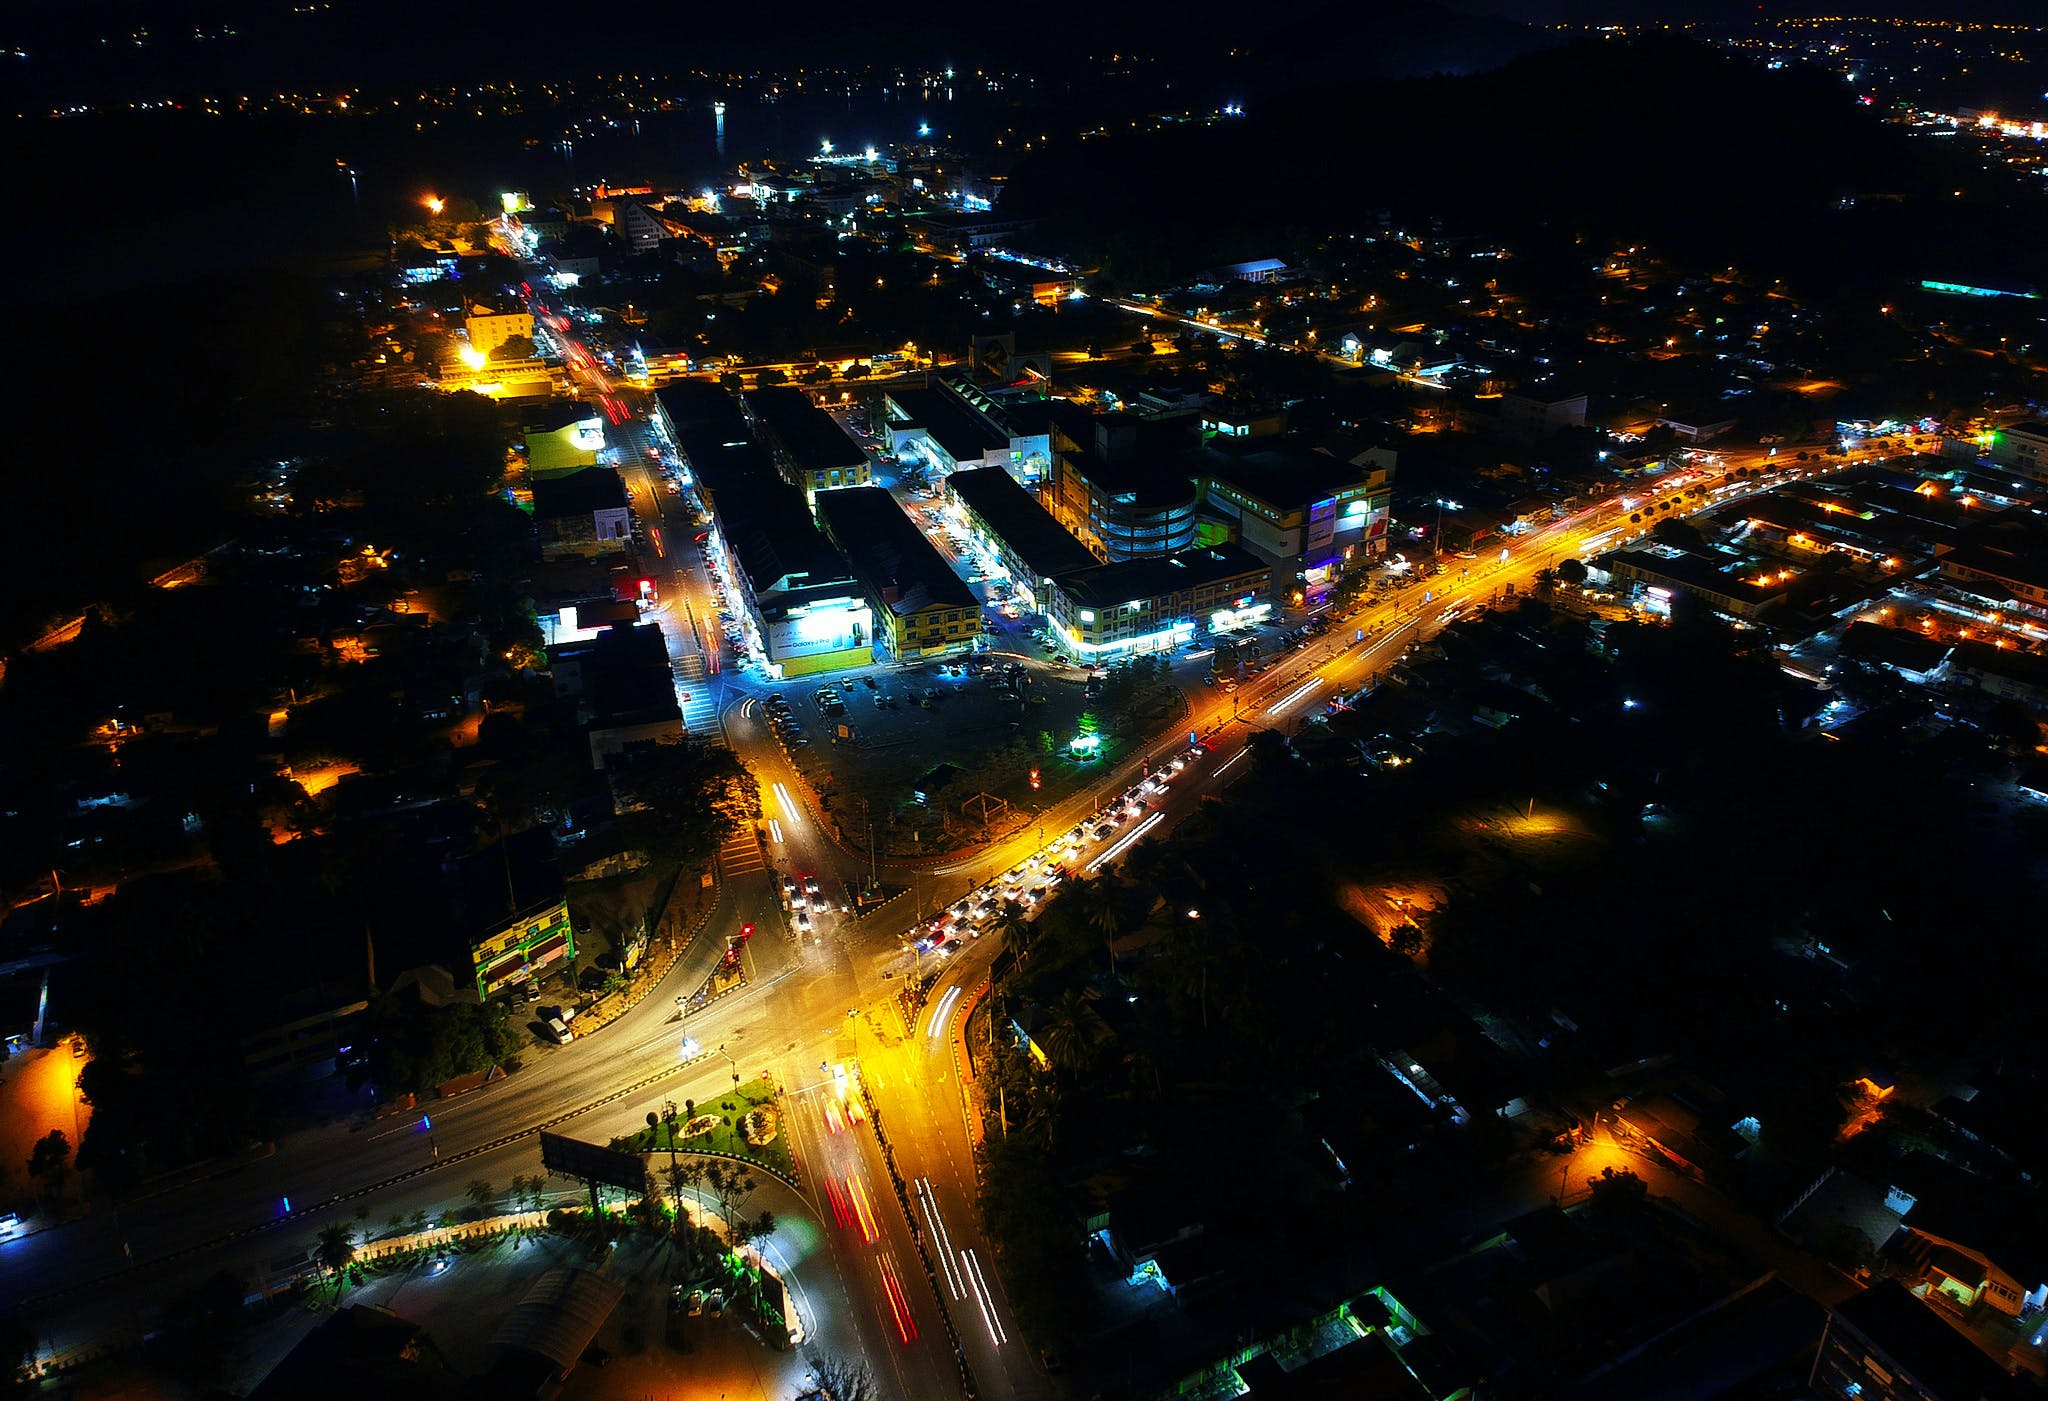 건물, 건축, 고속도로, 교통의 무료 스톡 사진